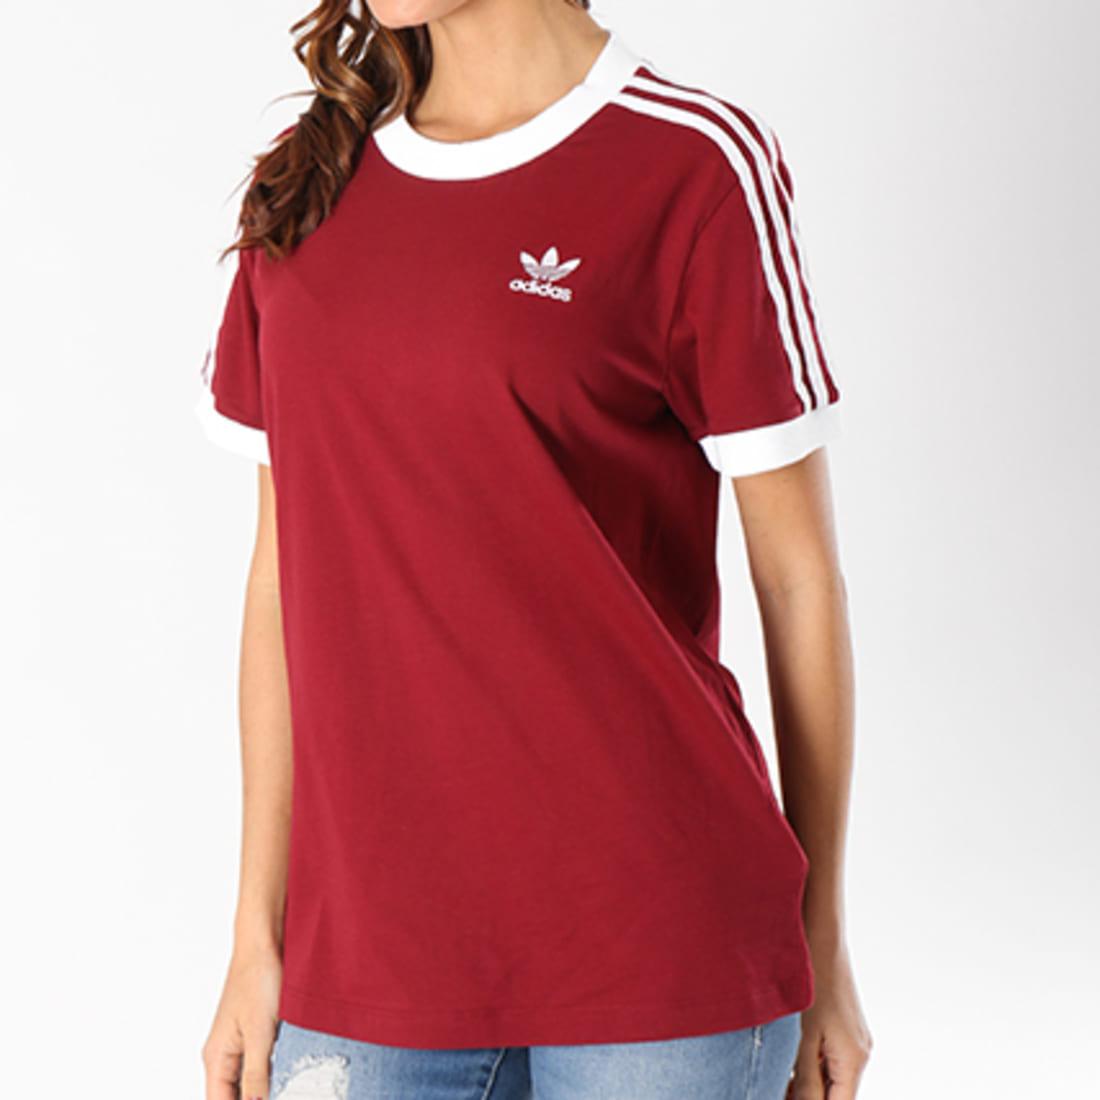 t-shirt adidas femme bordeaux